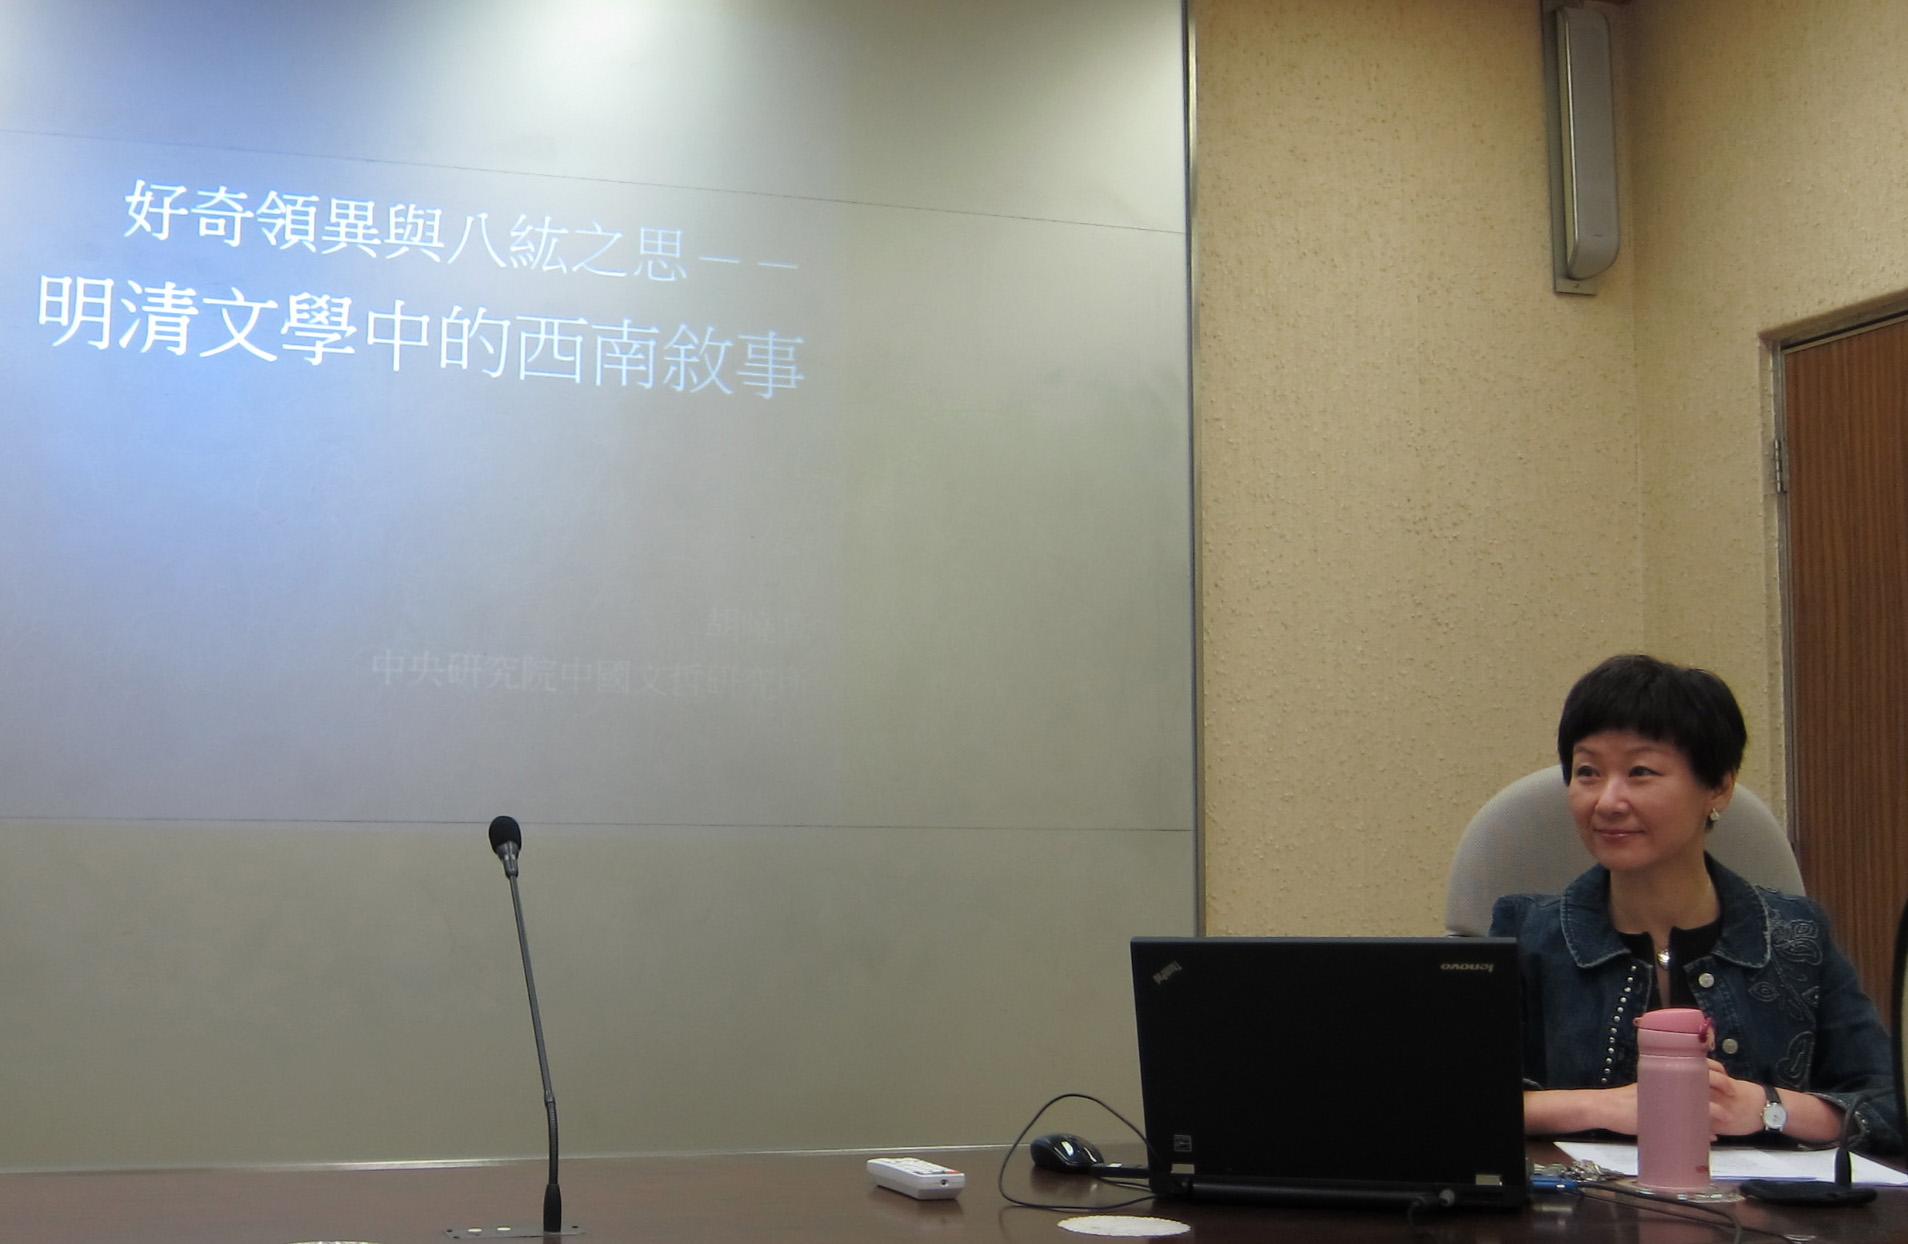 胡曉真教授演講「好奇領異與八紘之思——明清文人的西南書寫」紀要